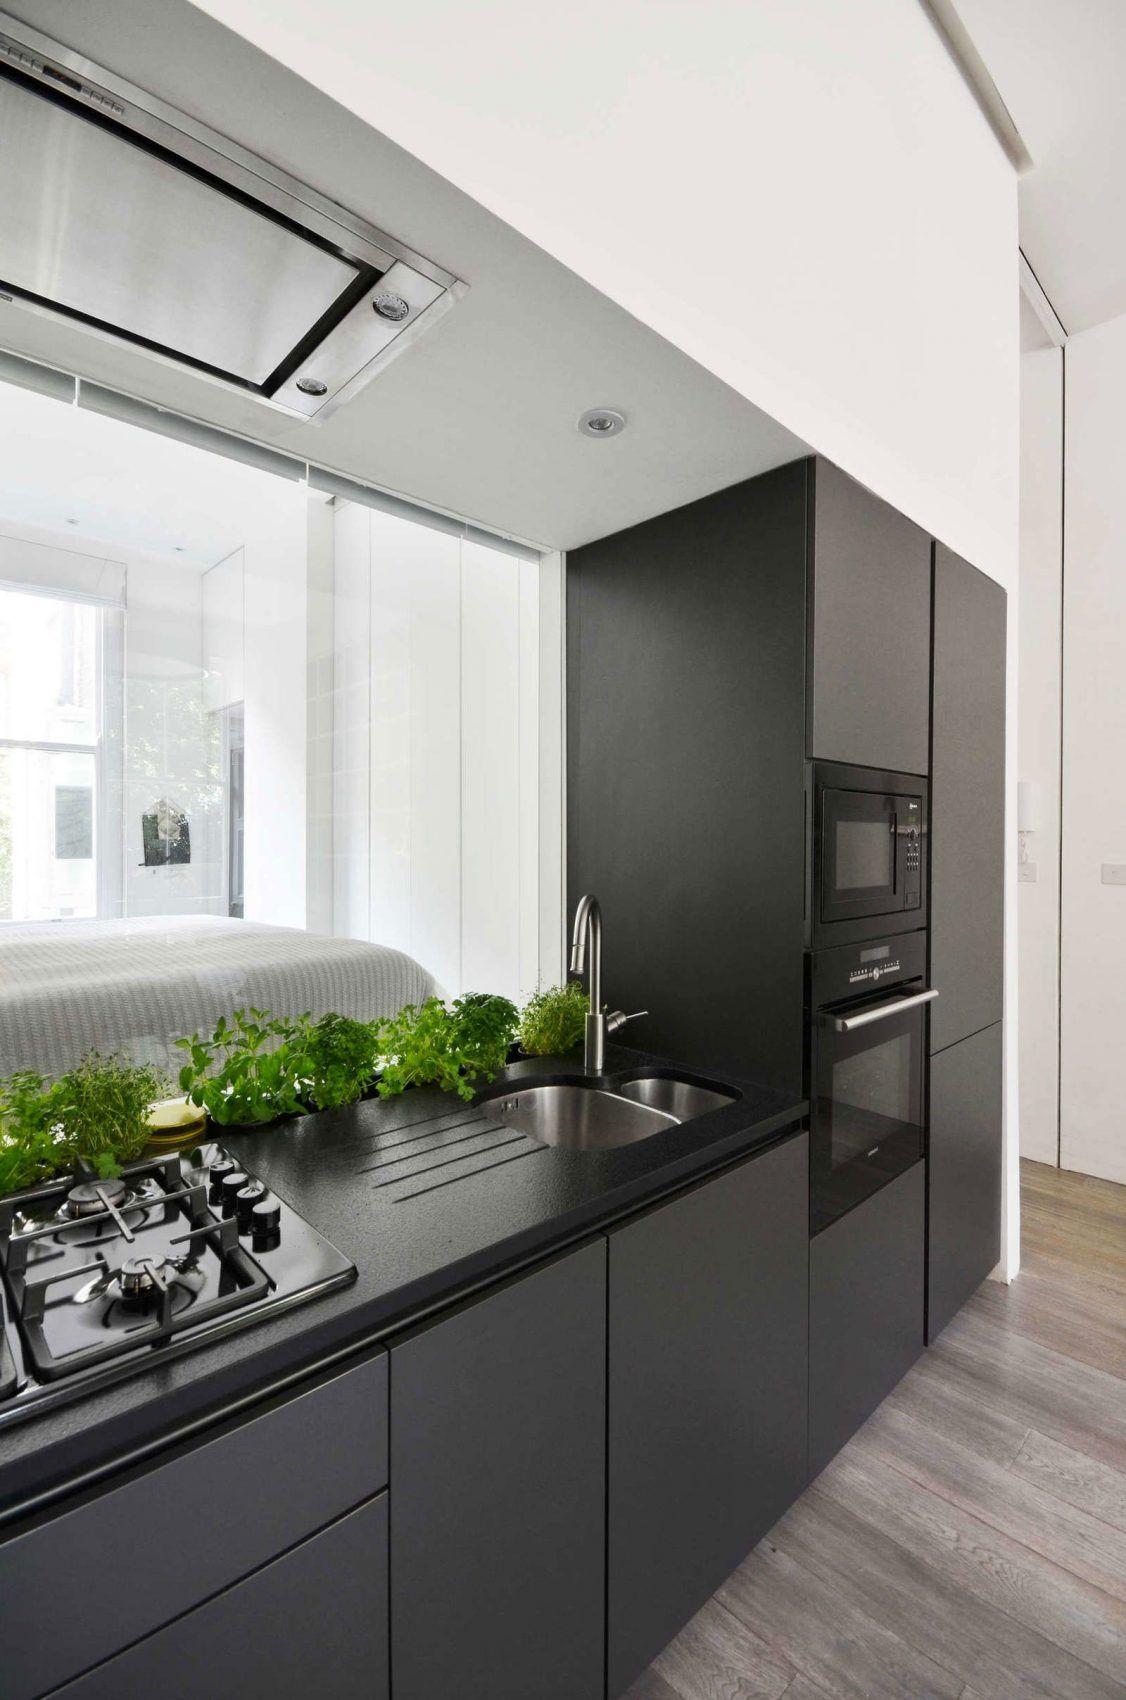 Nevern Square Apartment by Daniele Petteno Architecture (5)